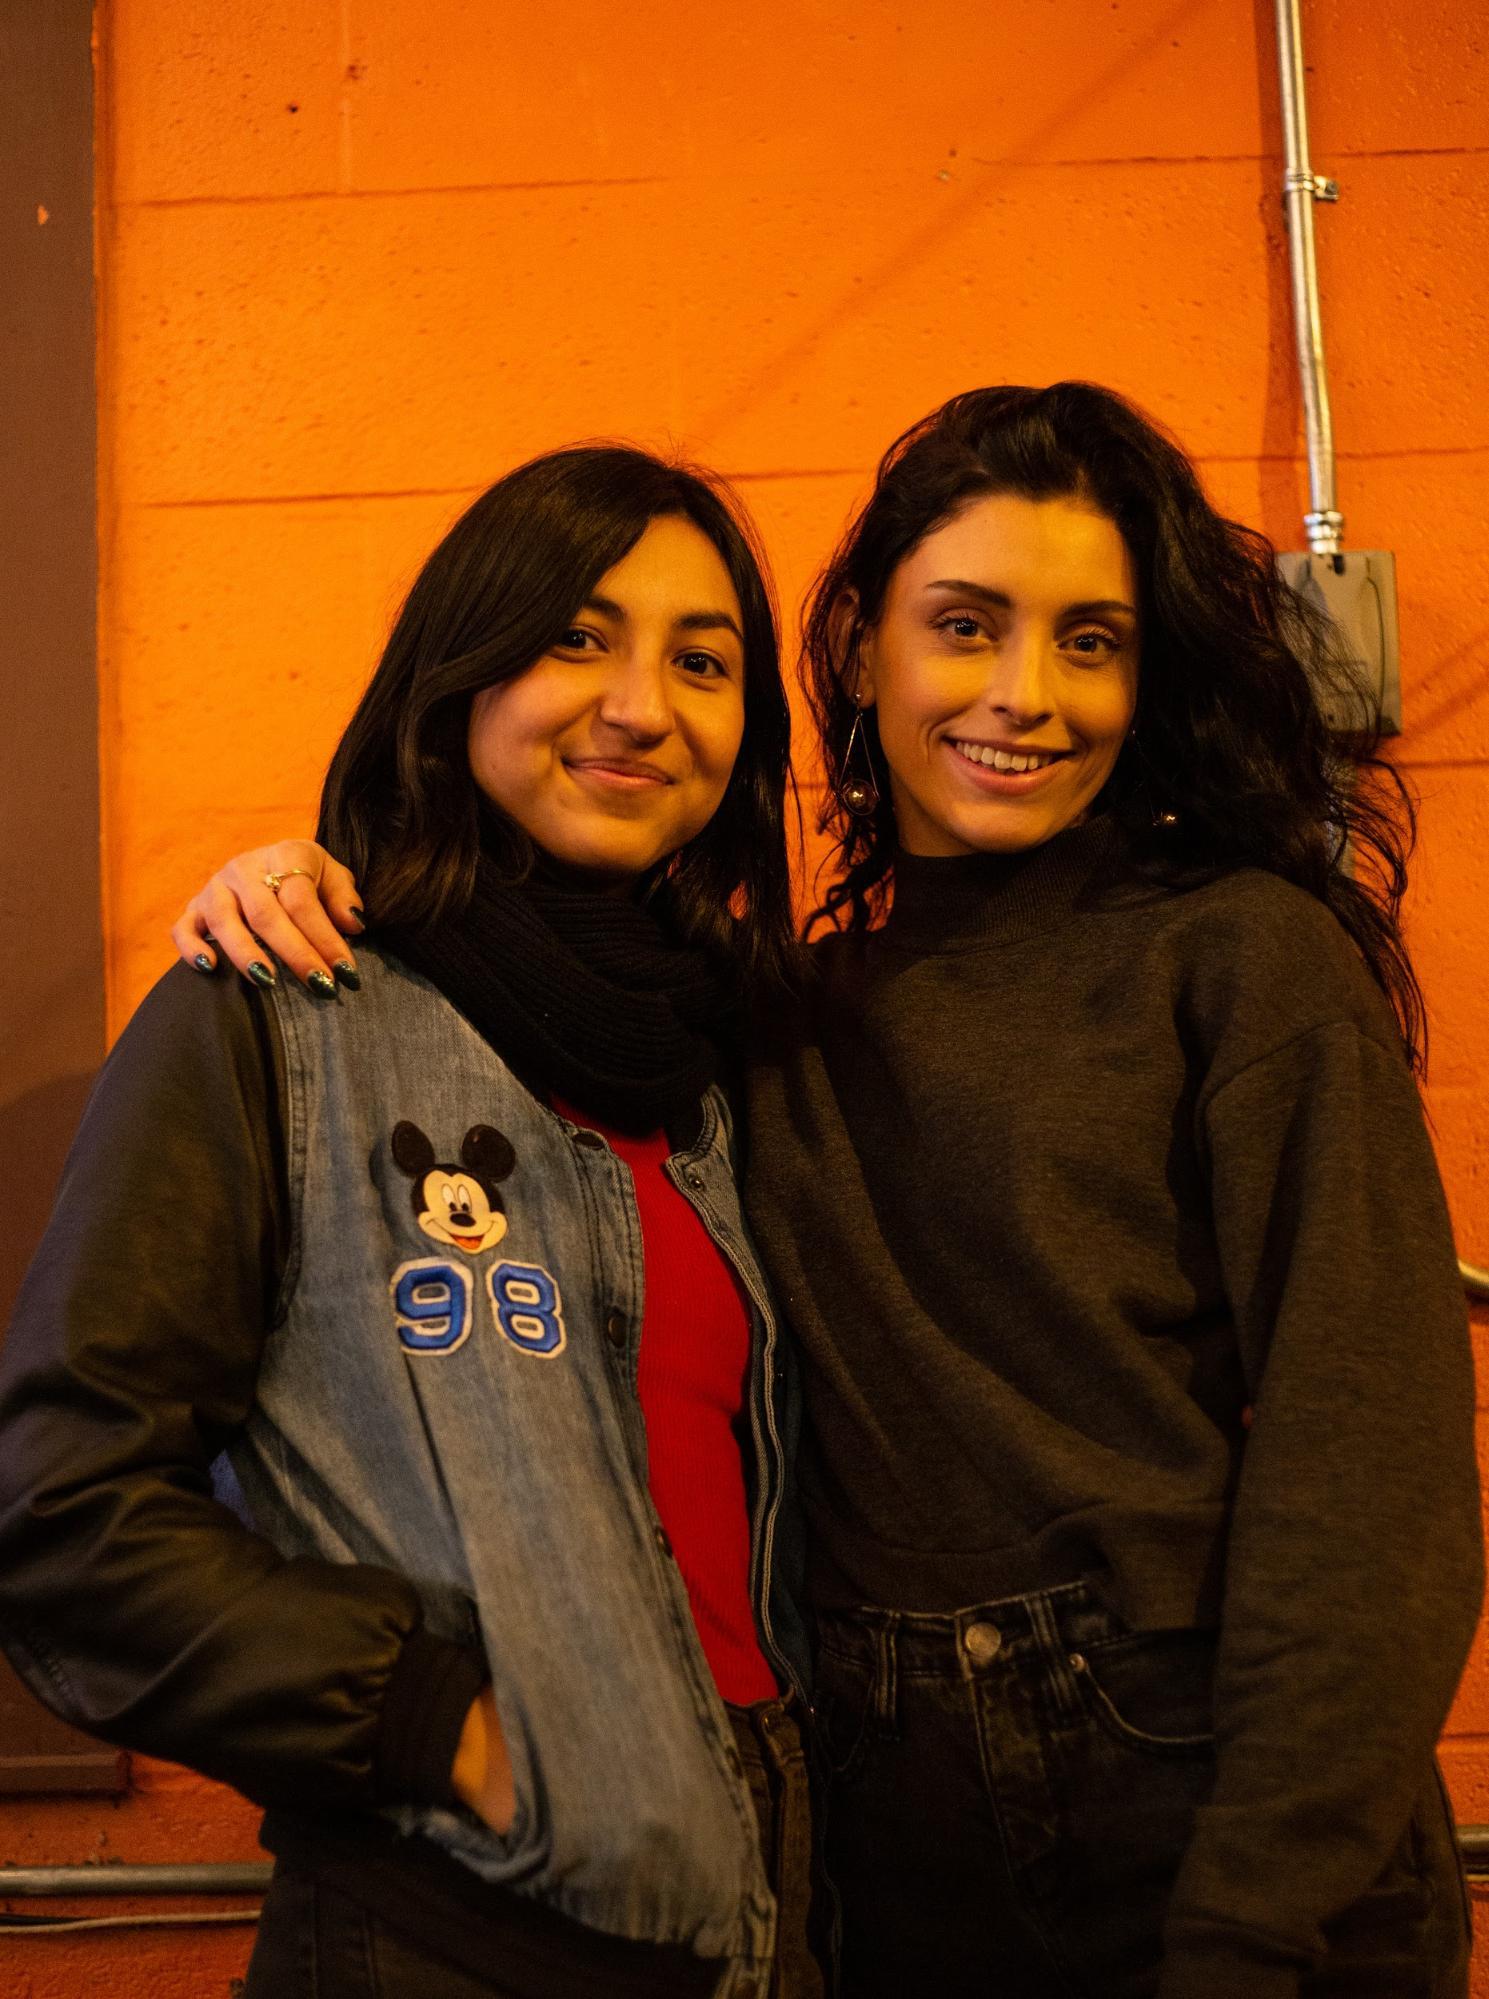 Left: Karla Bruciaga, Right: Judith Carroll